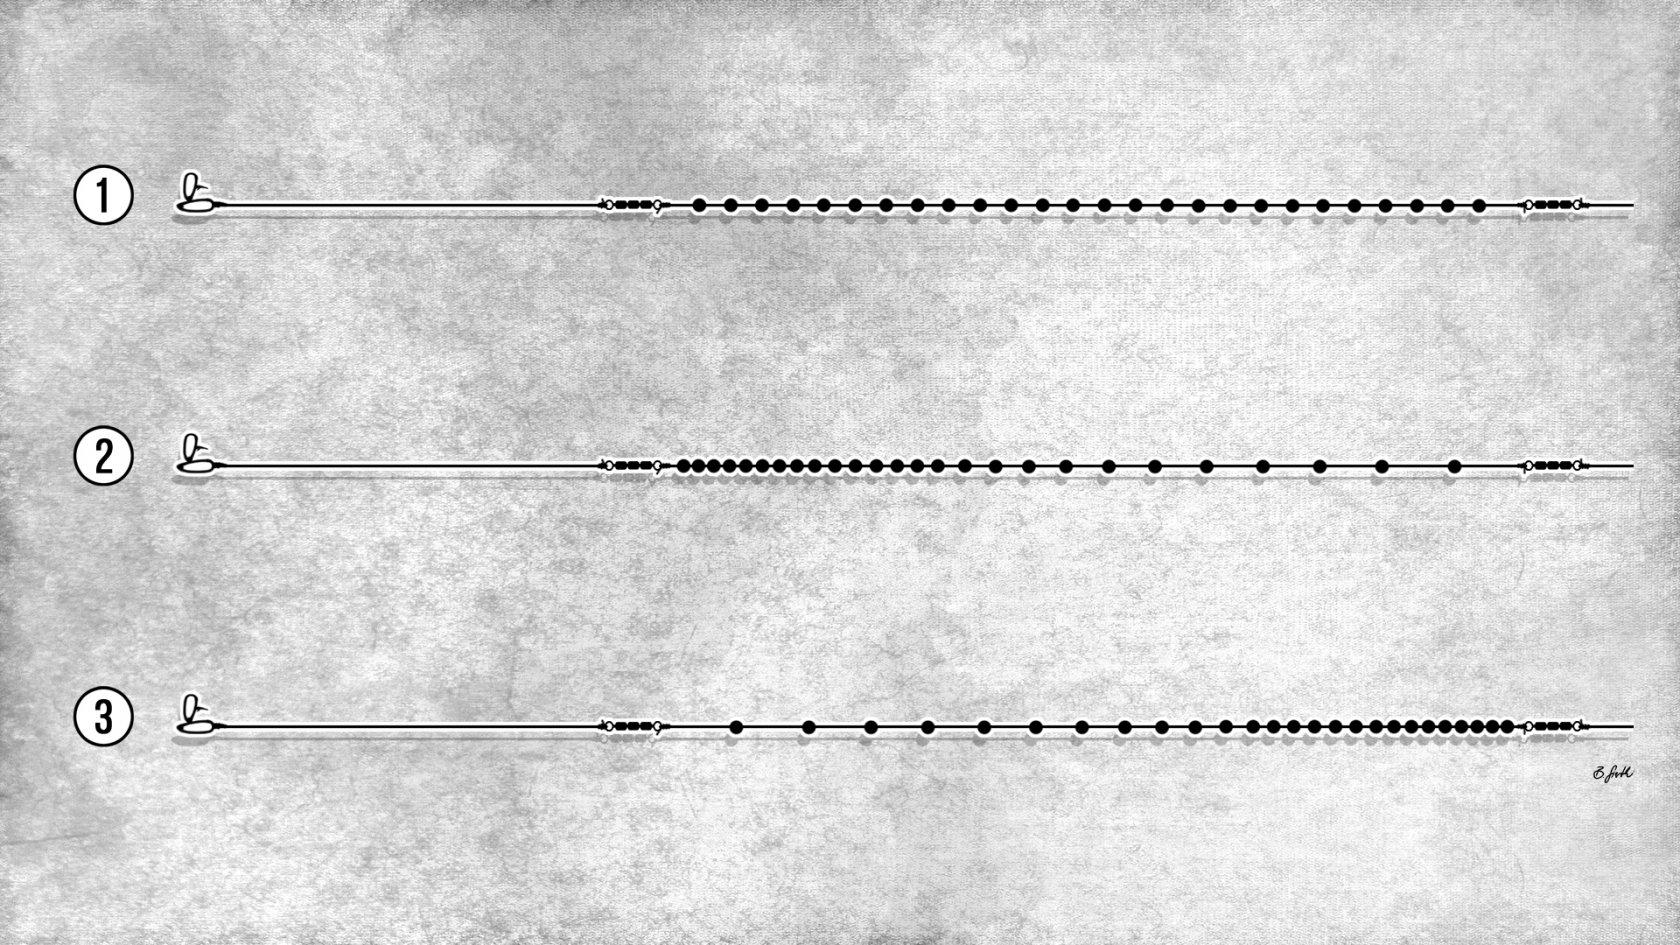 Verschiedene Bleiketten-Montagen zum Forellenangeln